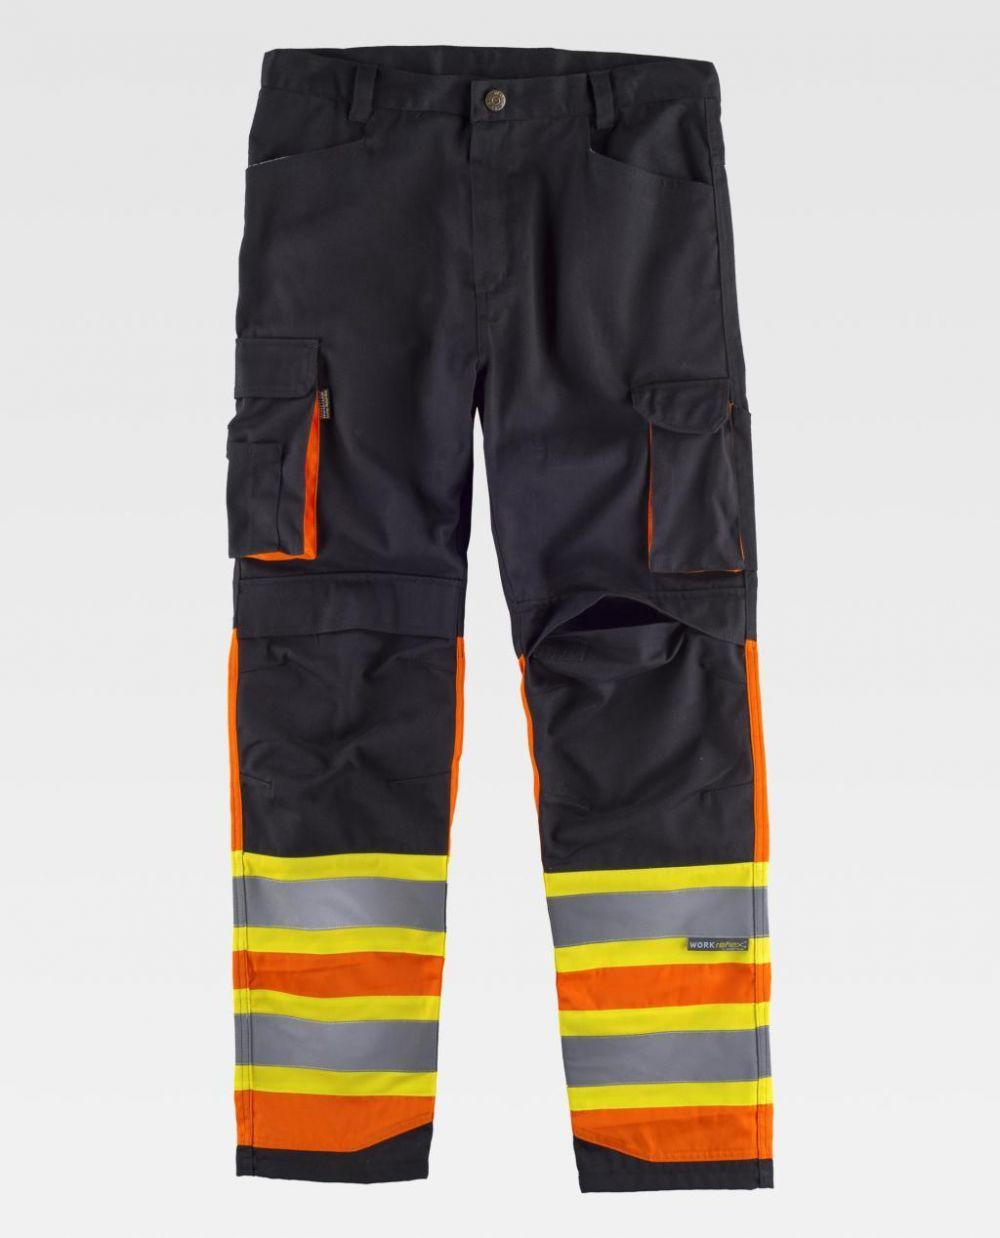 Pantalones reflectantes workteam combinado bandas reflectantes fluorescentes de poliéster vista 1